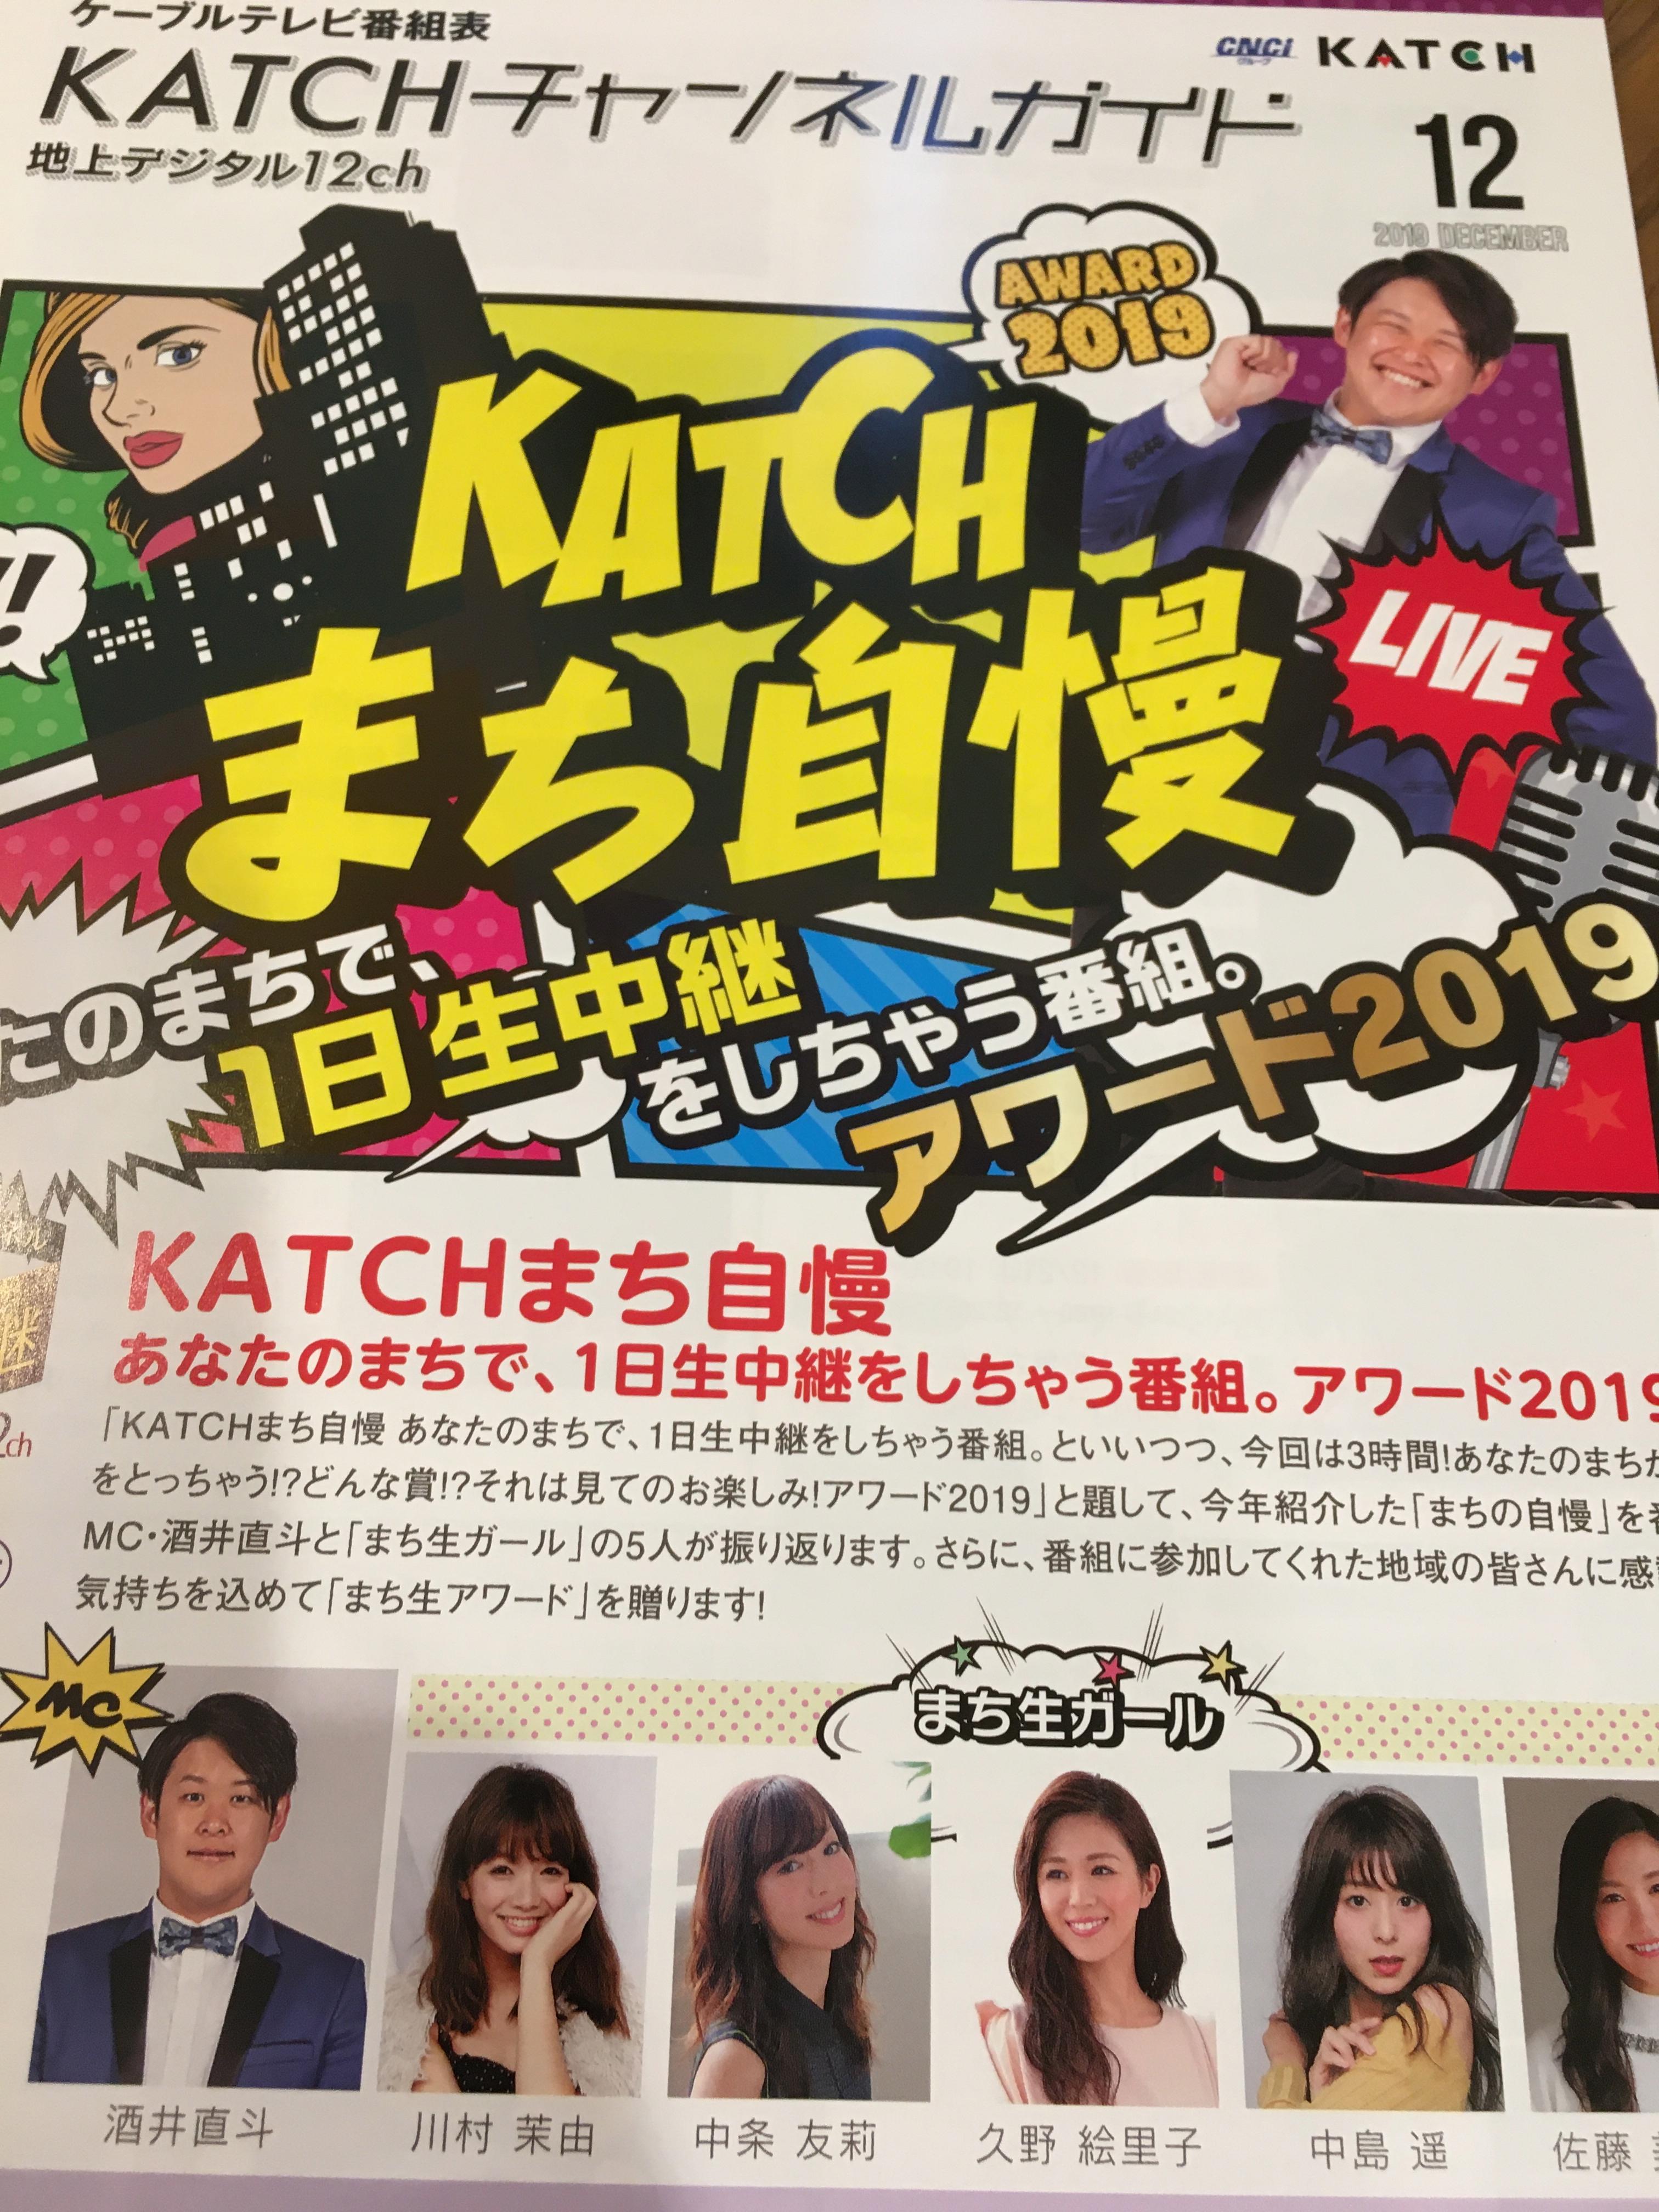 ケーブルテレビKATCHネットワークの生放送に出演。そして酒井直斗さんとの再会!